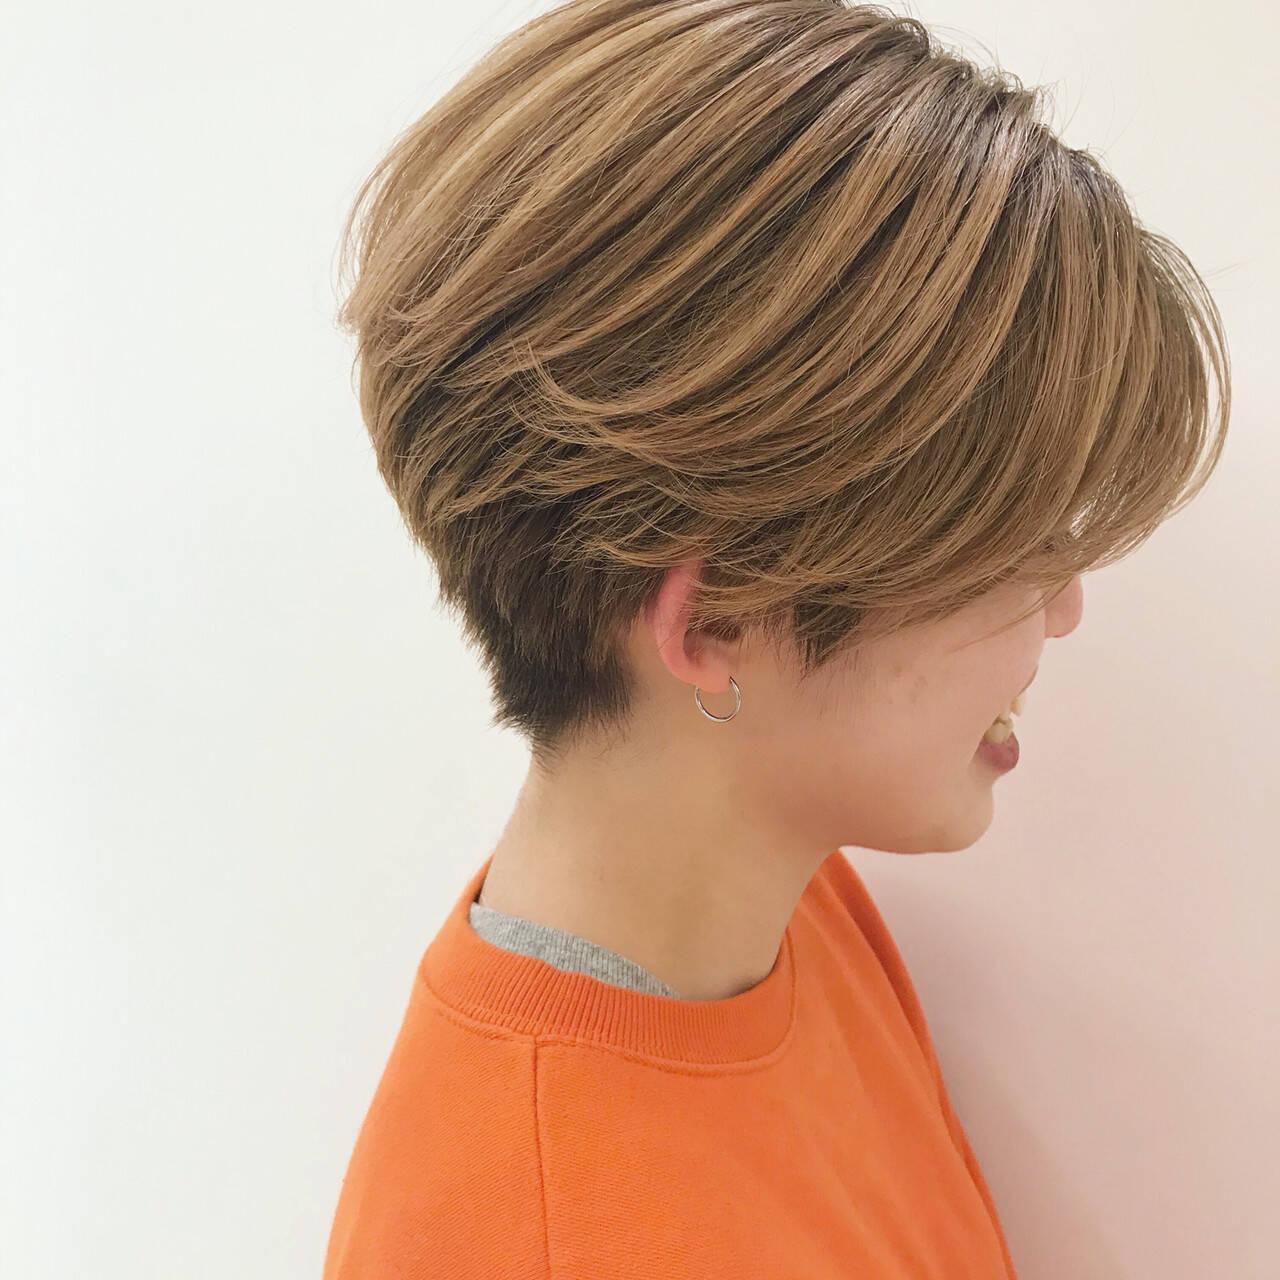 ハイトーン ストリート アンニュイほつれヘア かっこいいヘアスタイルや髪型の写真・画像